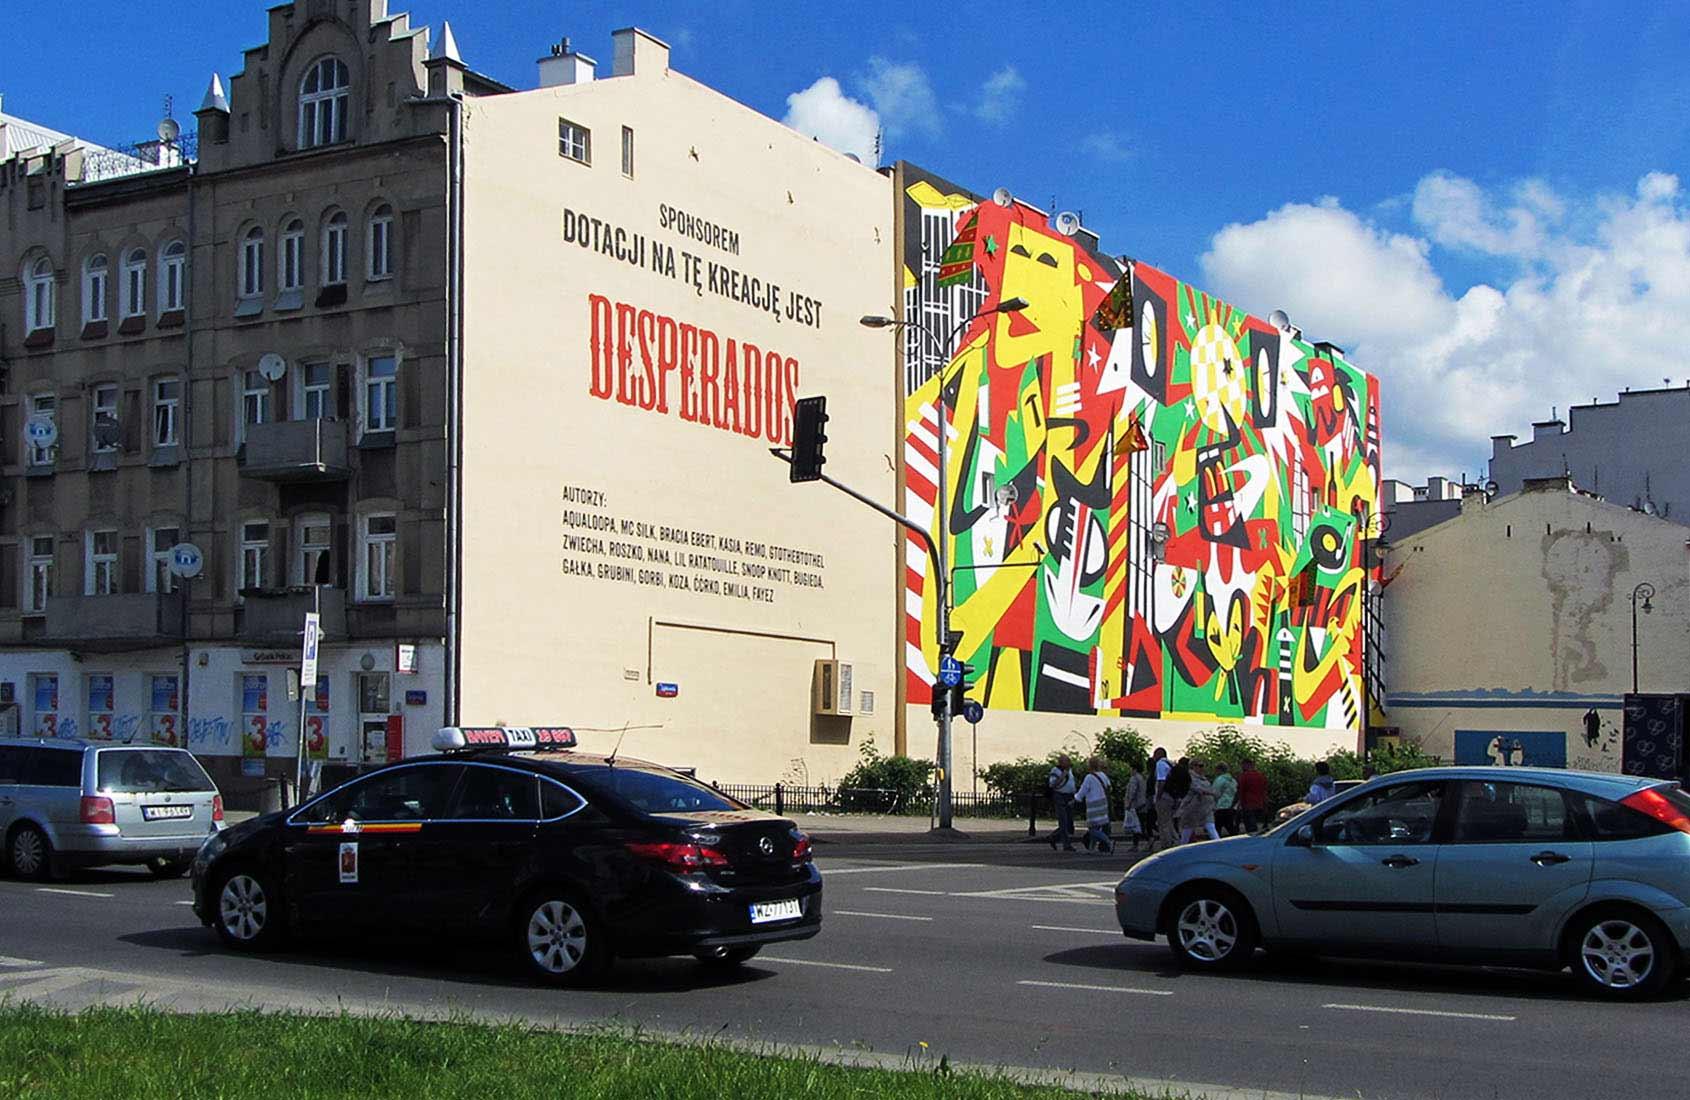 AQUALOOPA DESPERADOS IDEAMO mural Ząbkowska Warszawa malowanie